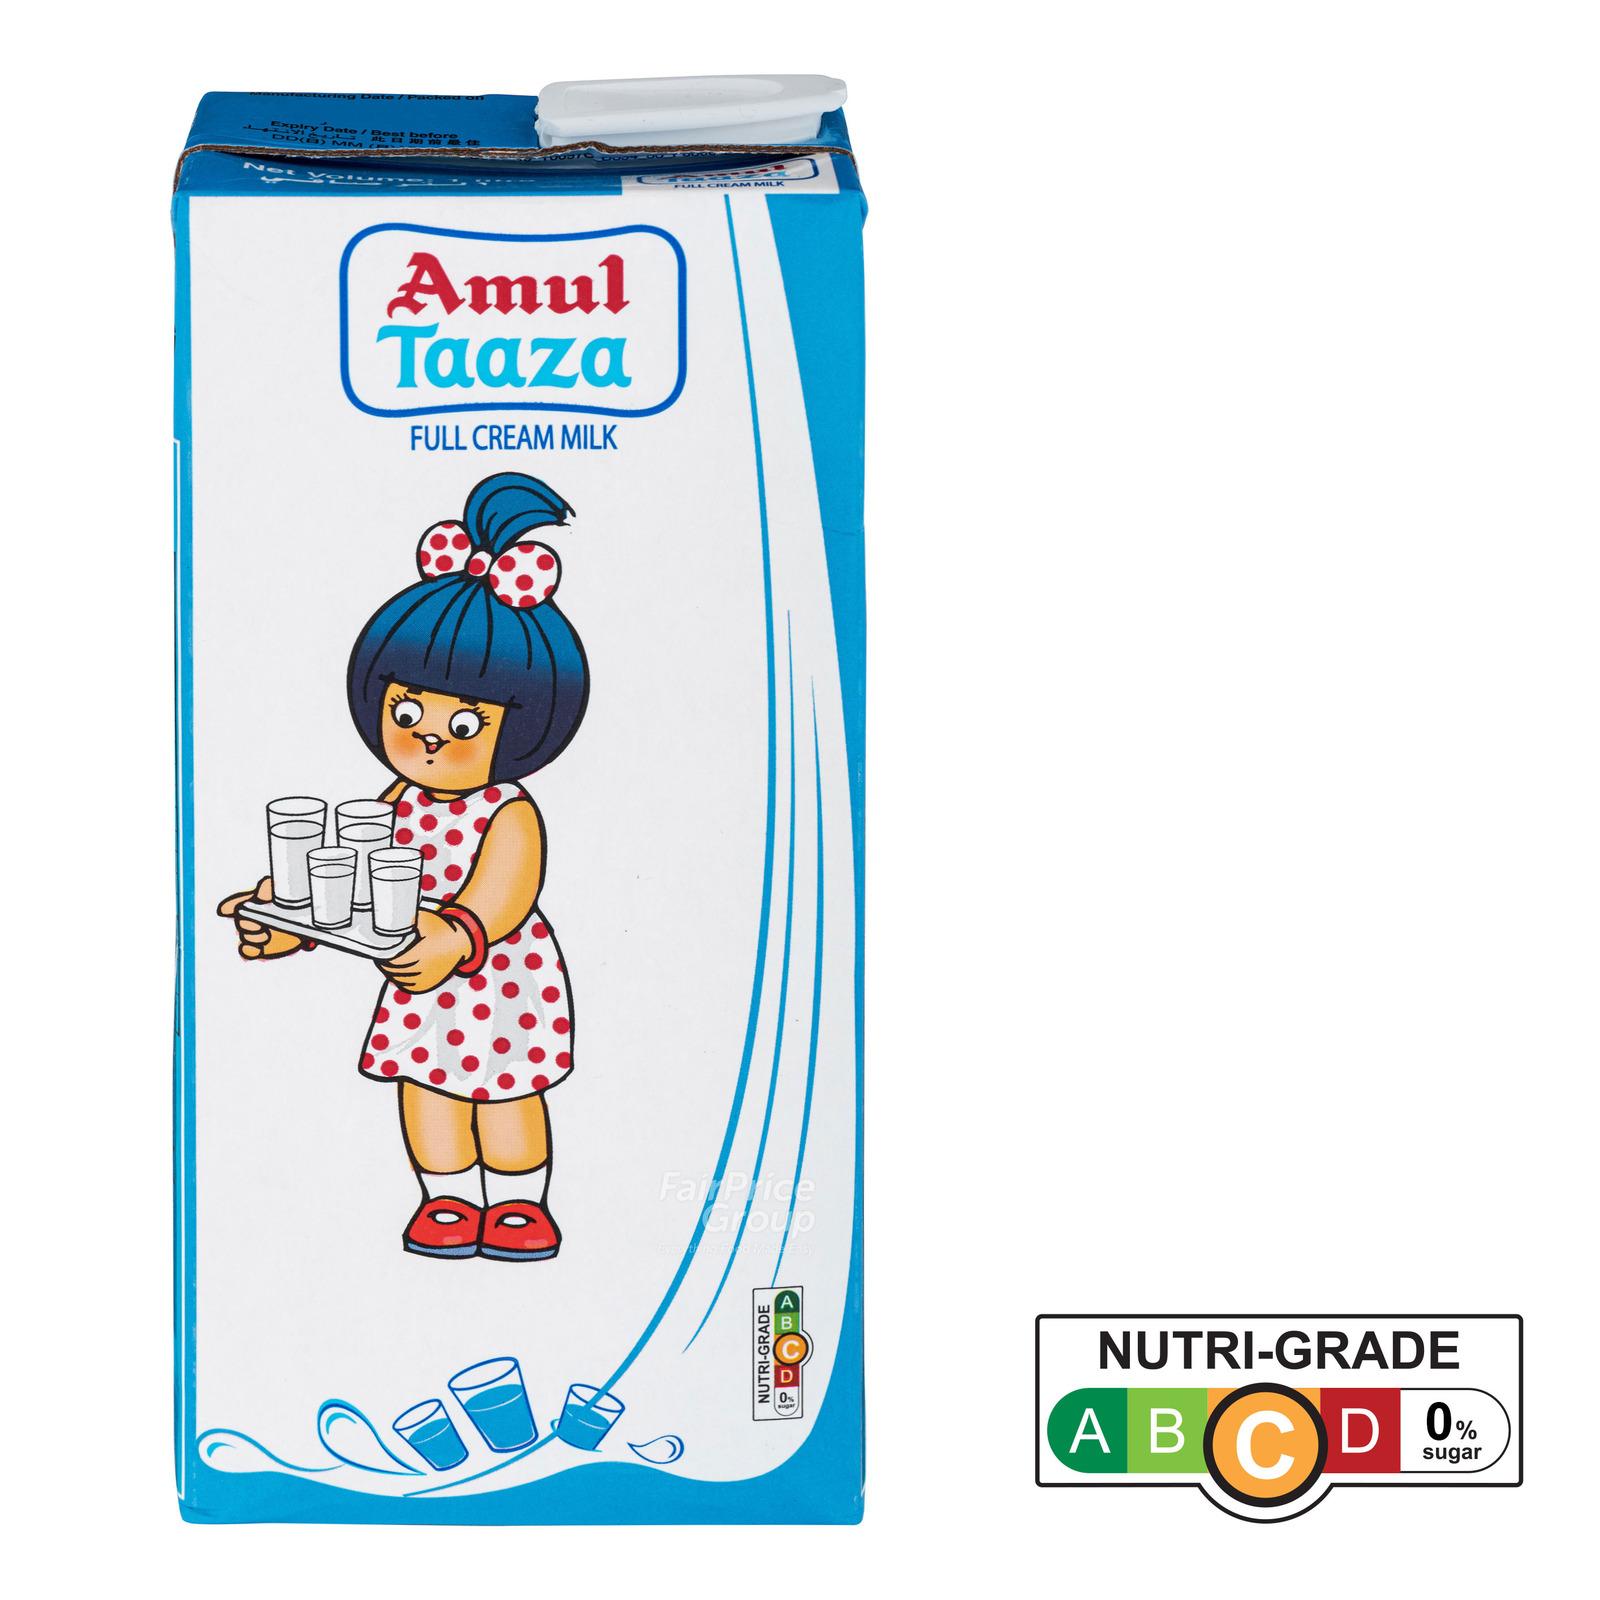 Amul Taaza UHT Full Cream Milk